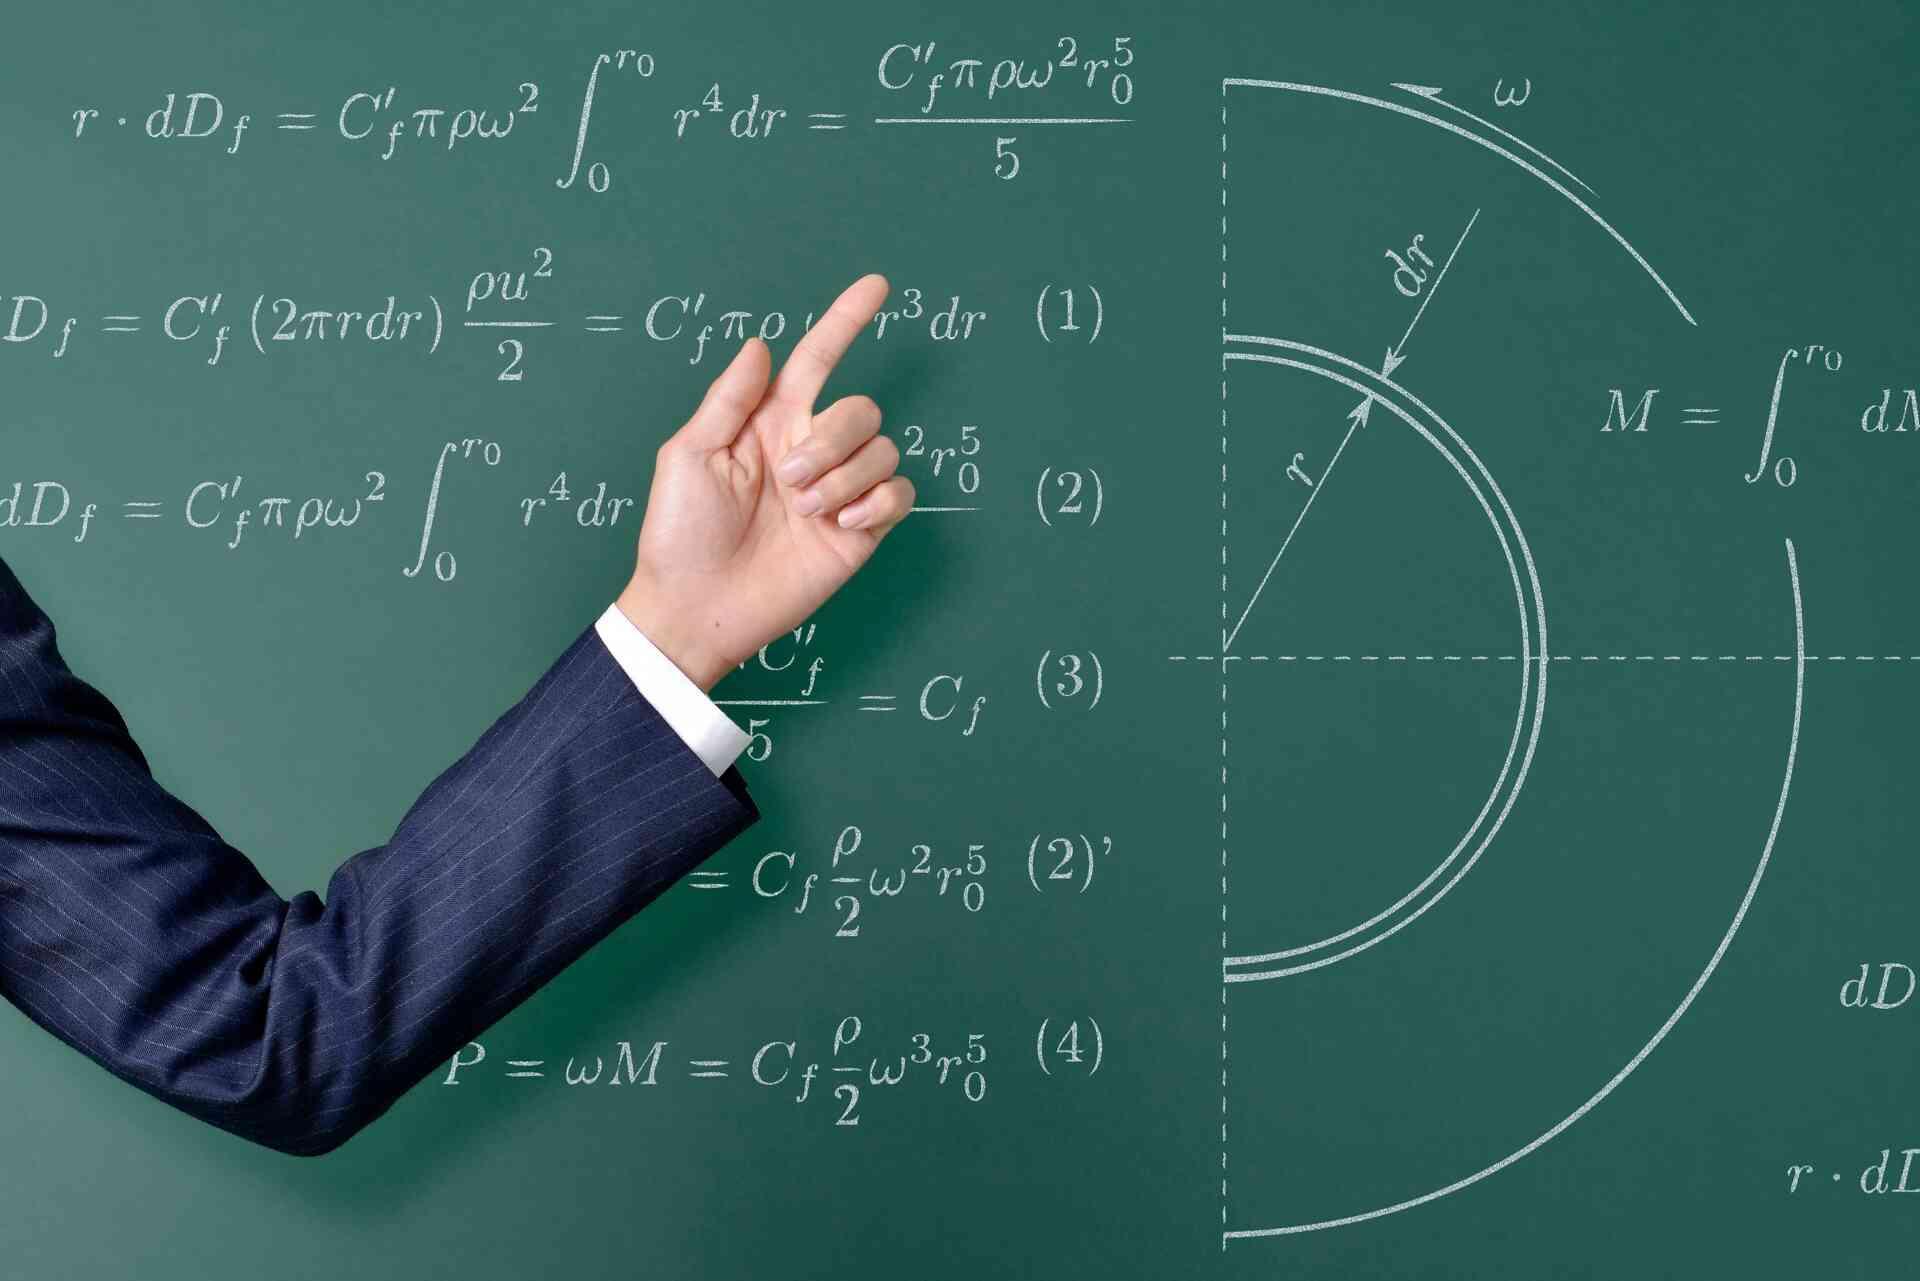 教師の平均給料を解説【本気で稼ぎたいなら民間企業がおすすめ】